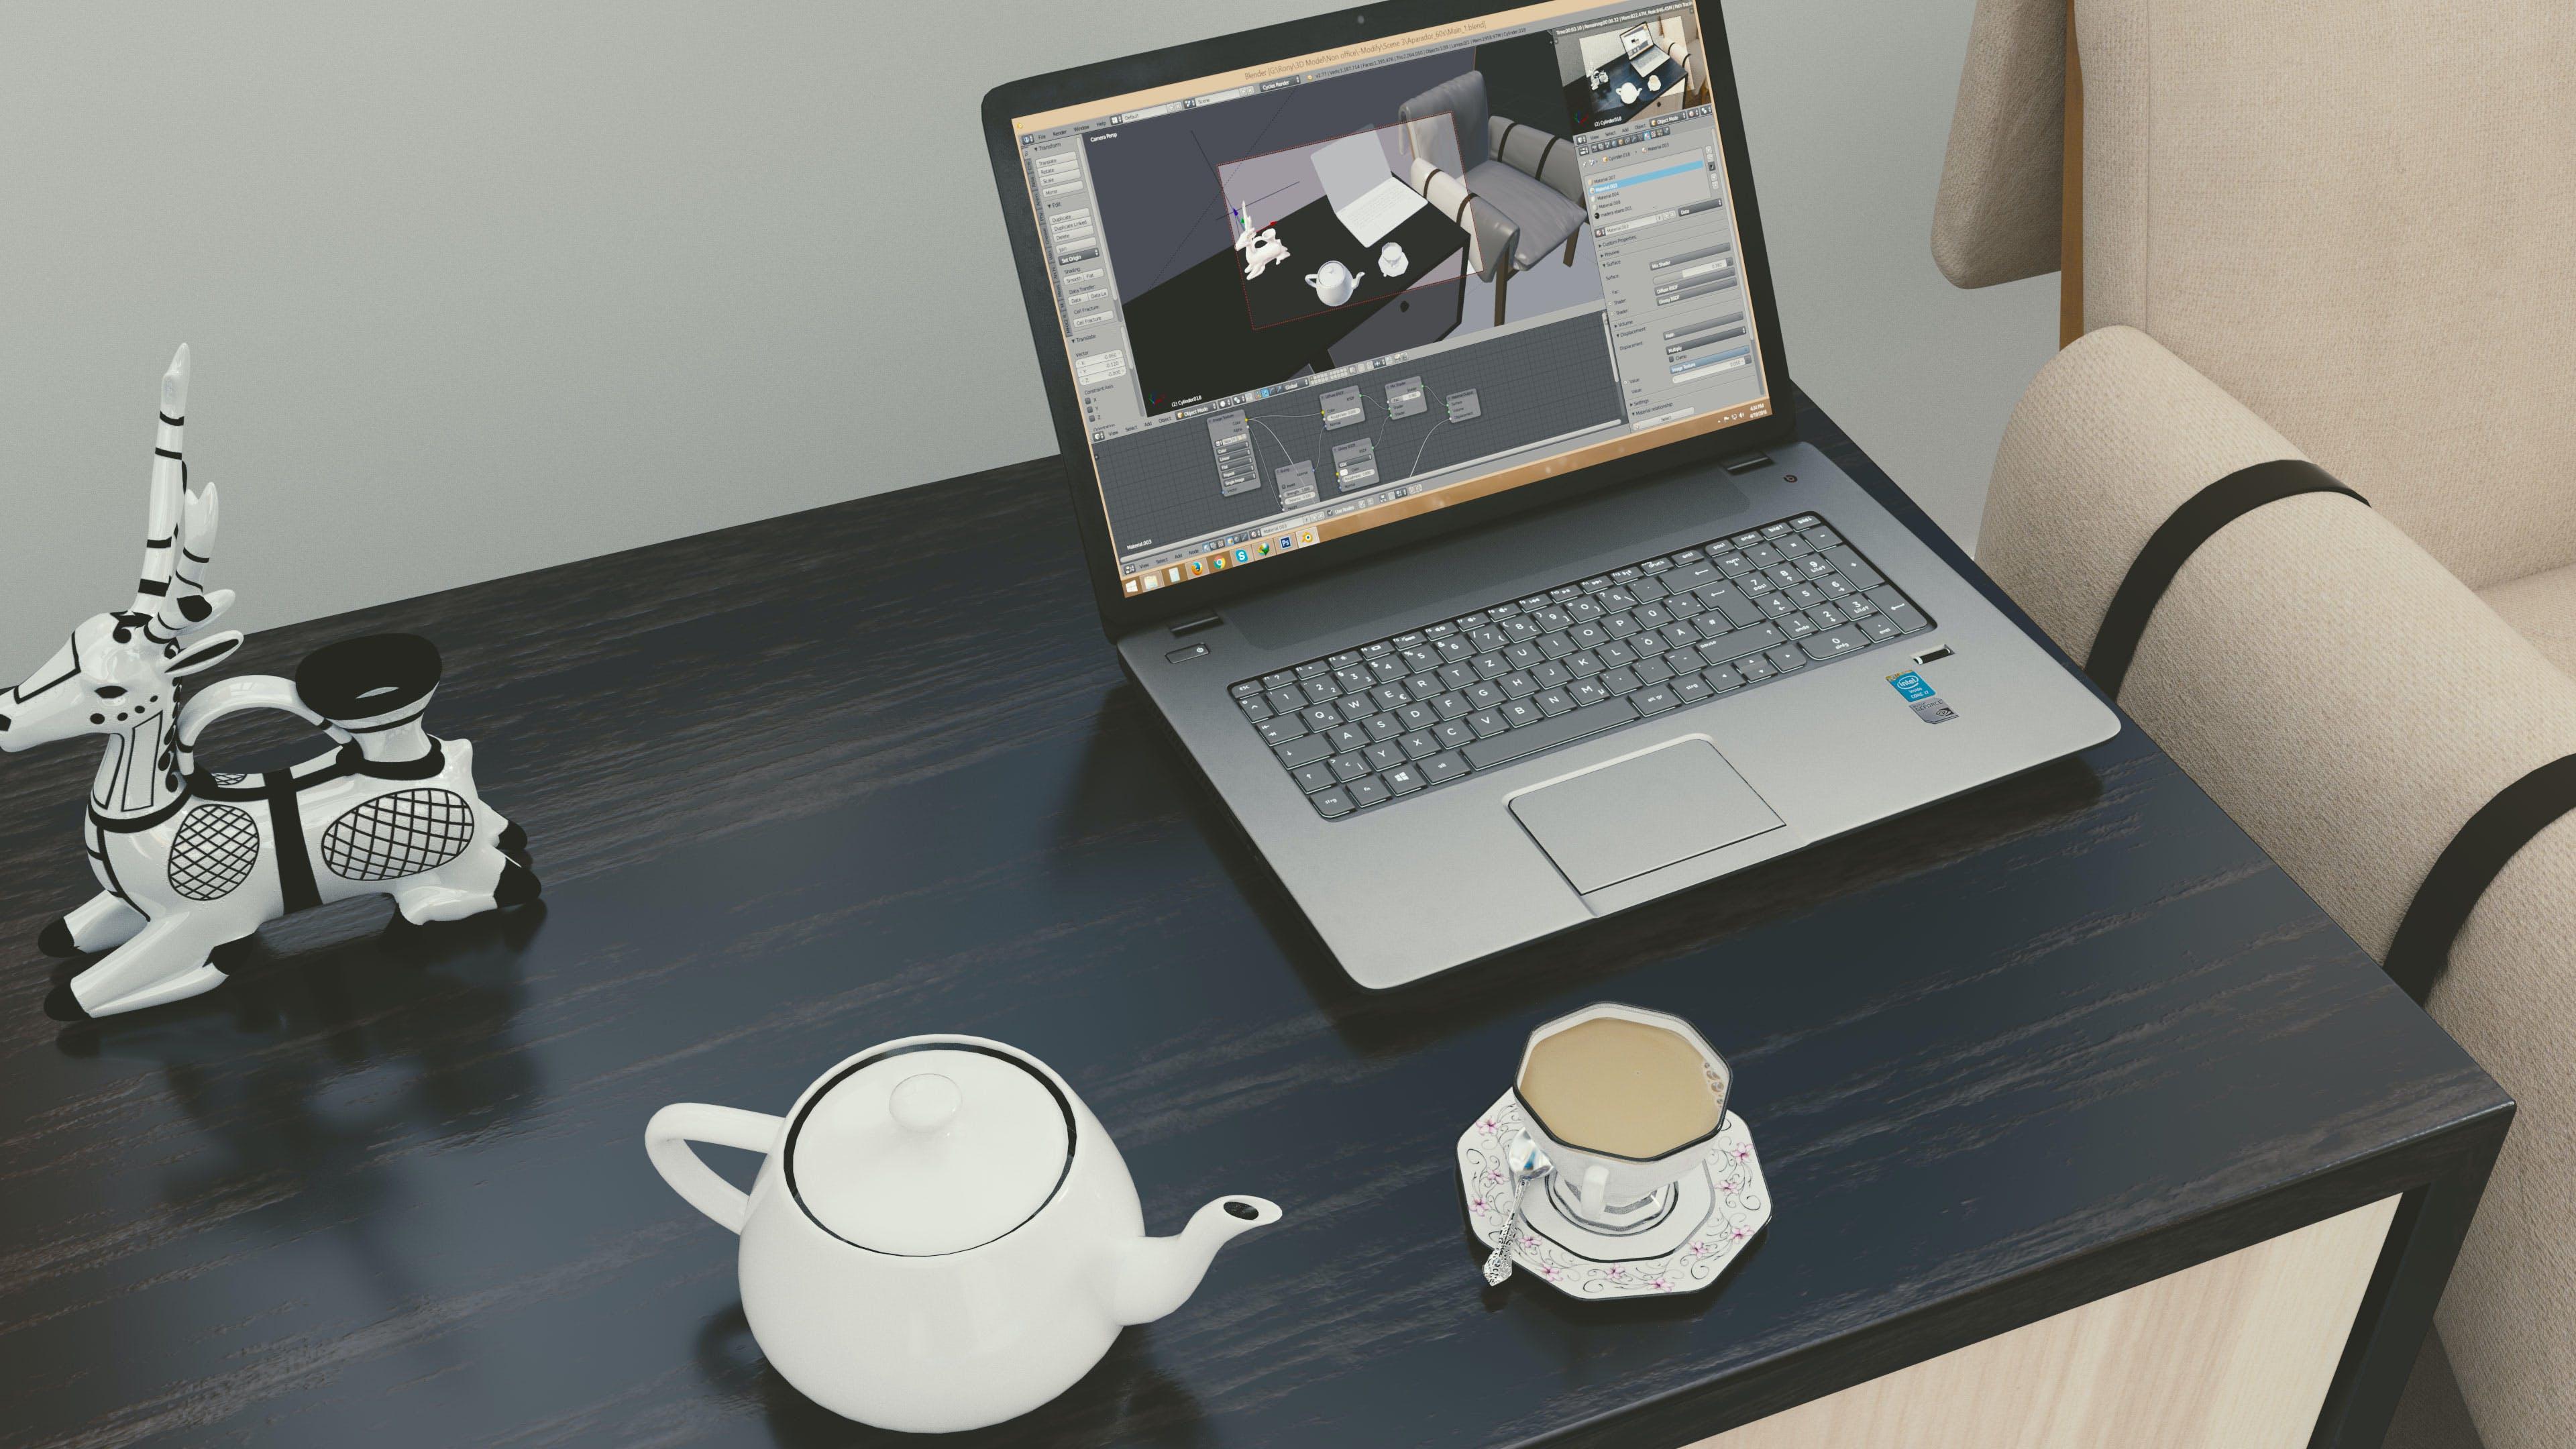 杯子, 筆記本電腦, 茶, 高清桌面 的 免费素材照片